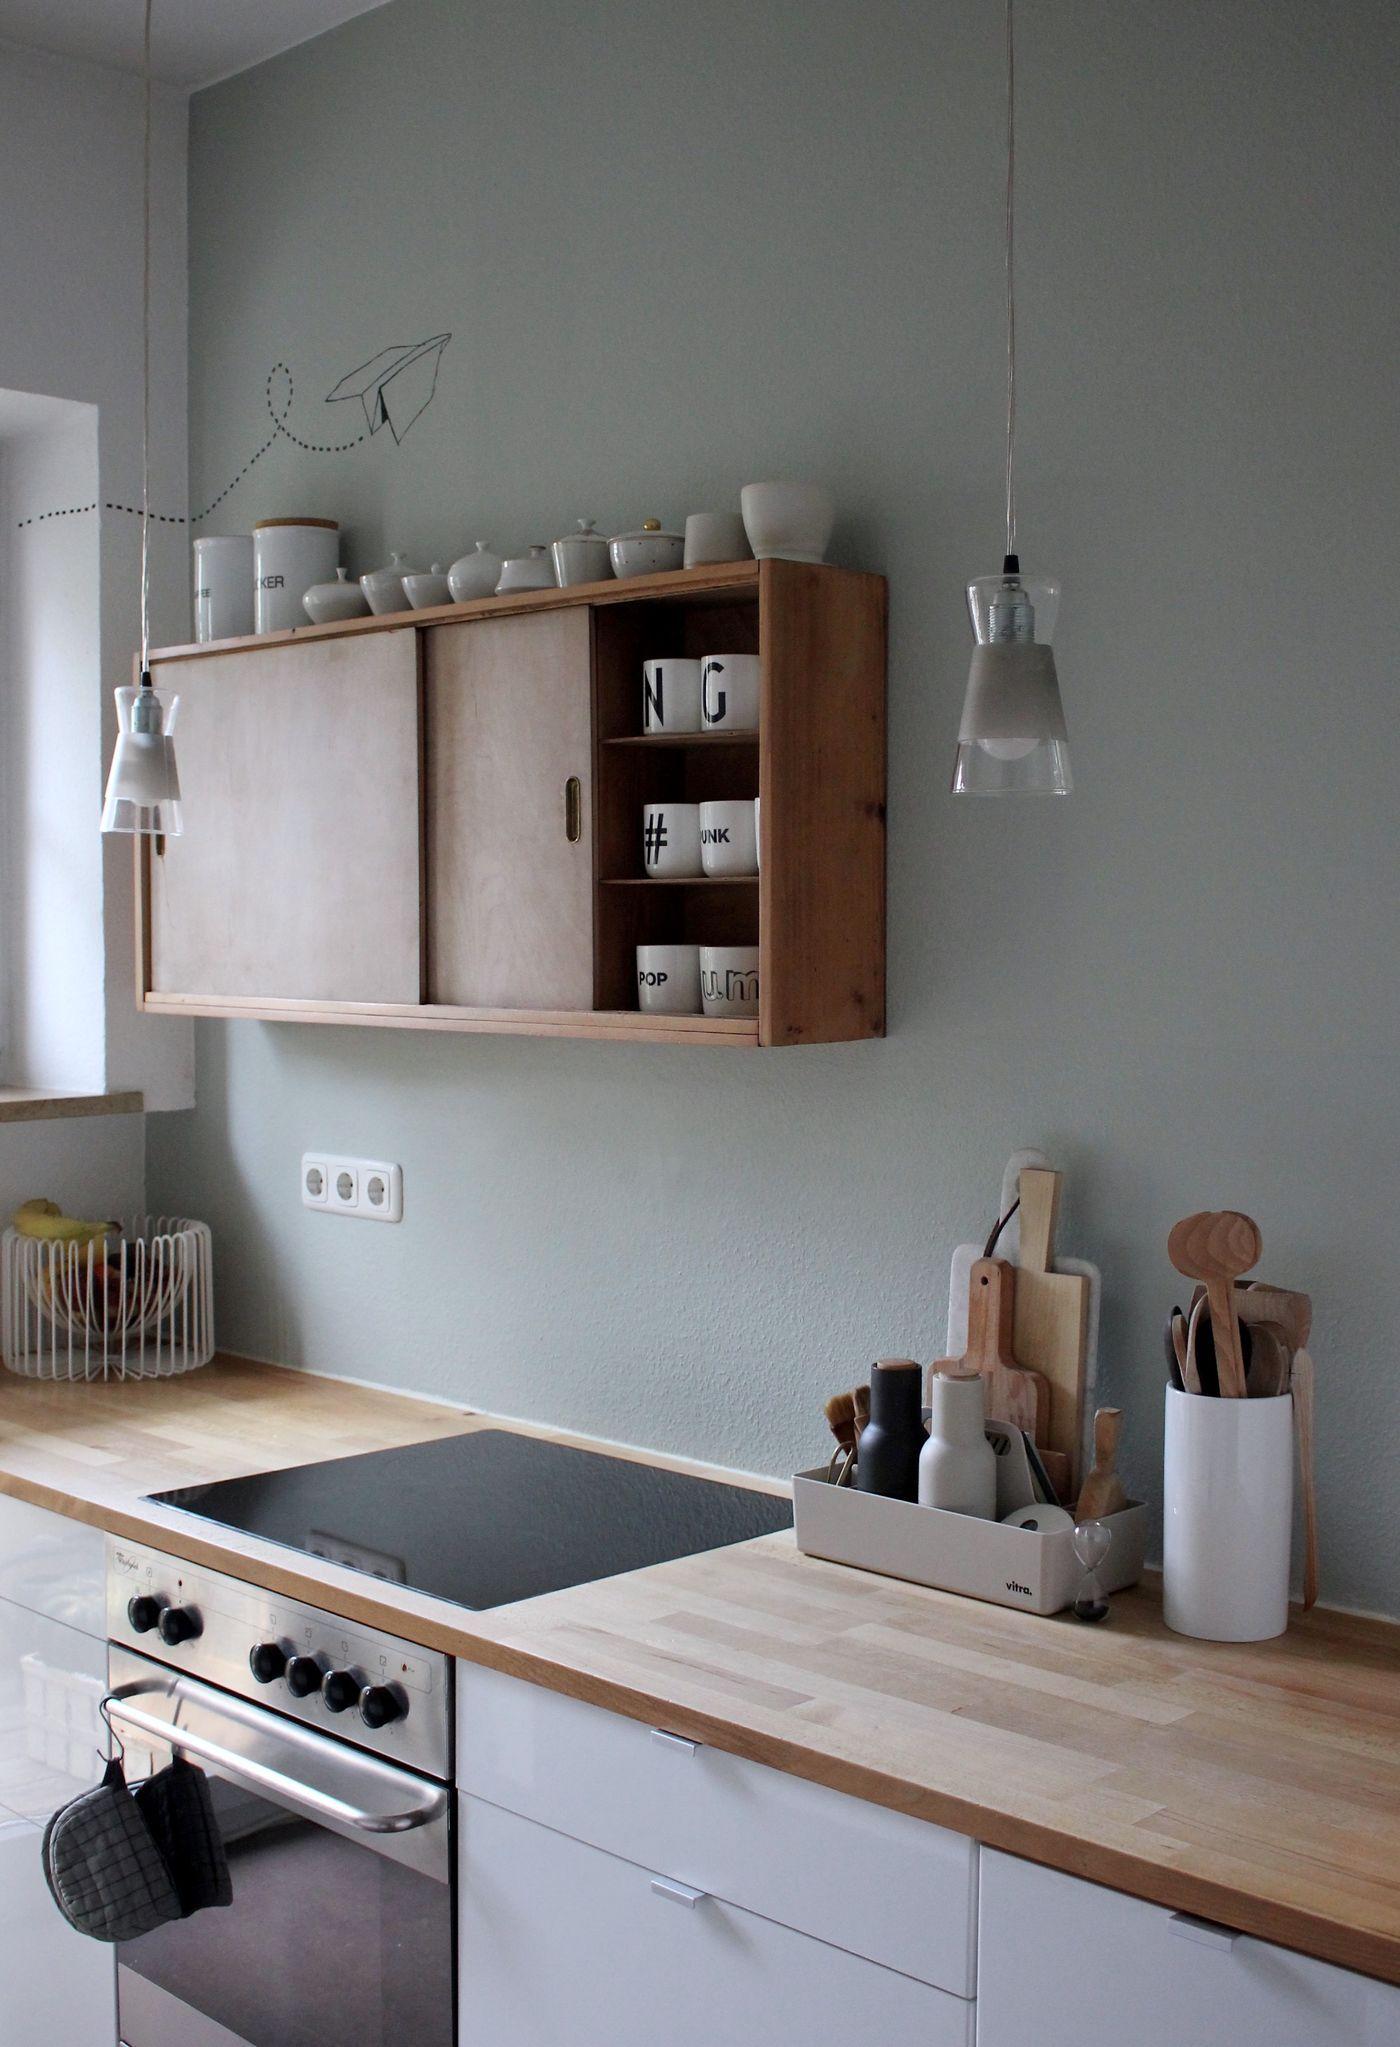 Full Size of Landhausküche Wandfarbe Schne Ideen Fr In Der Kche Weiß Moderne Grau Weisse Gebraucht Wohnzimmer Landhausküche Wandfarbe